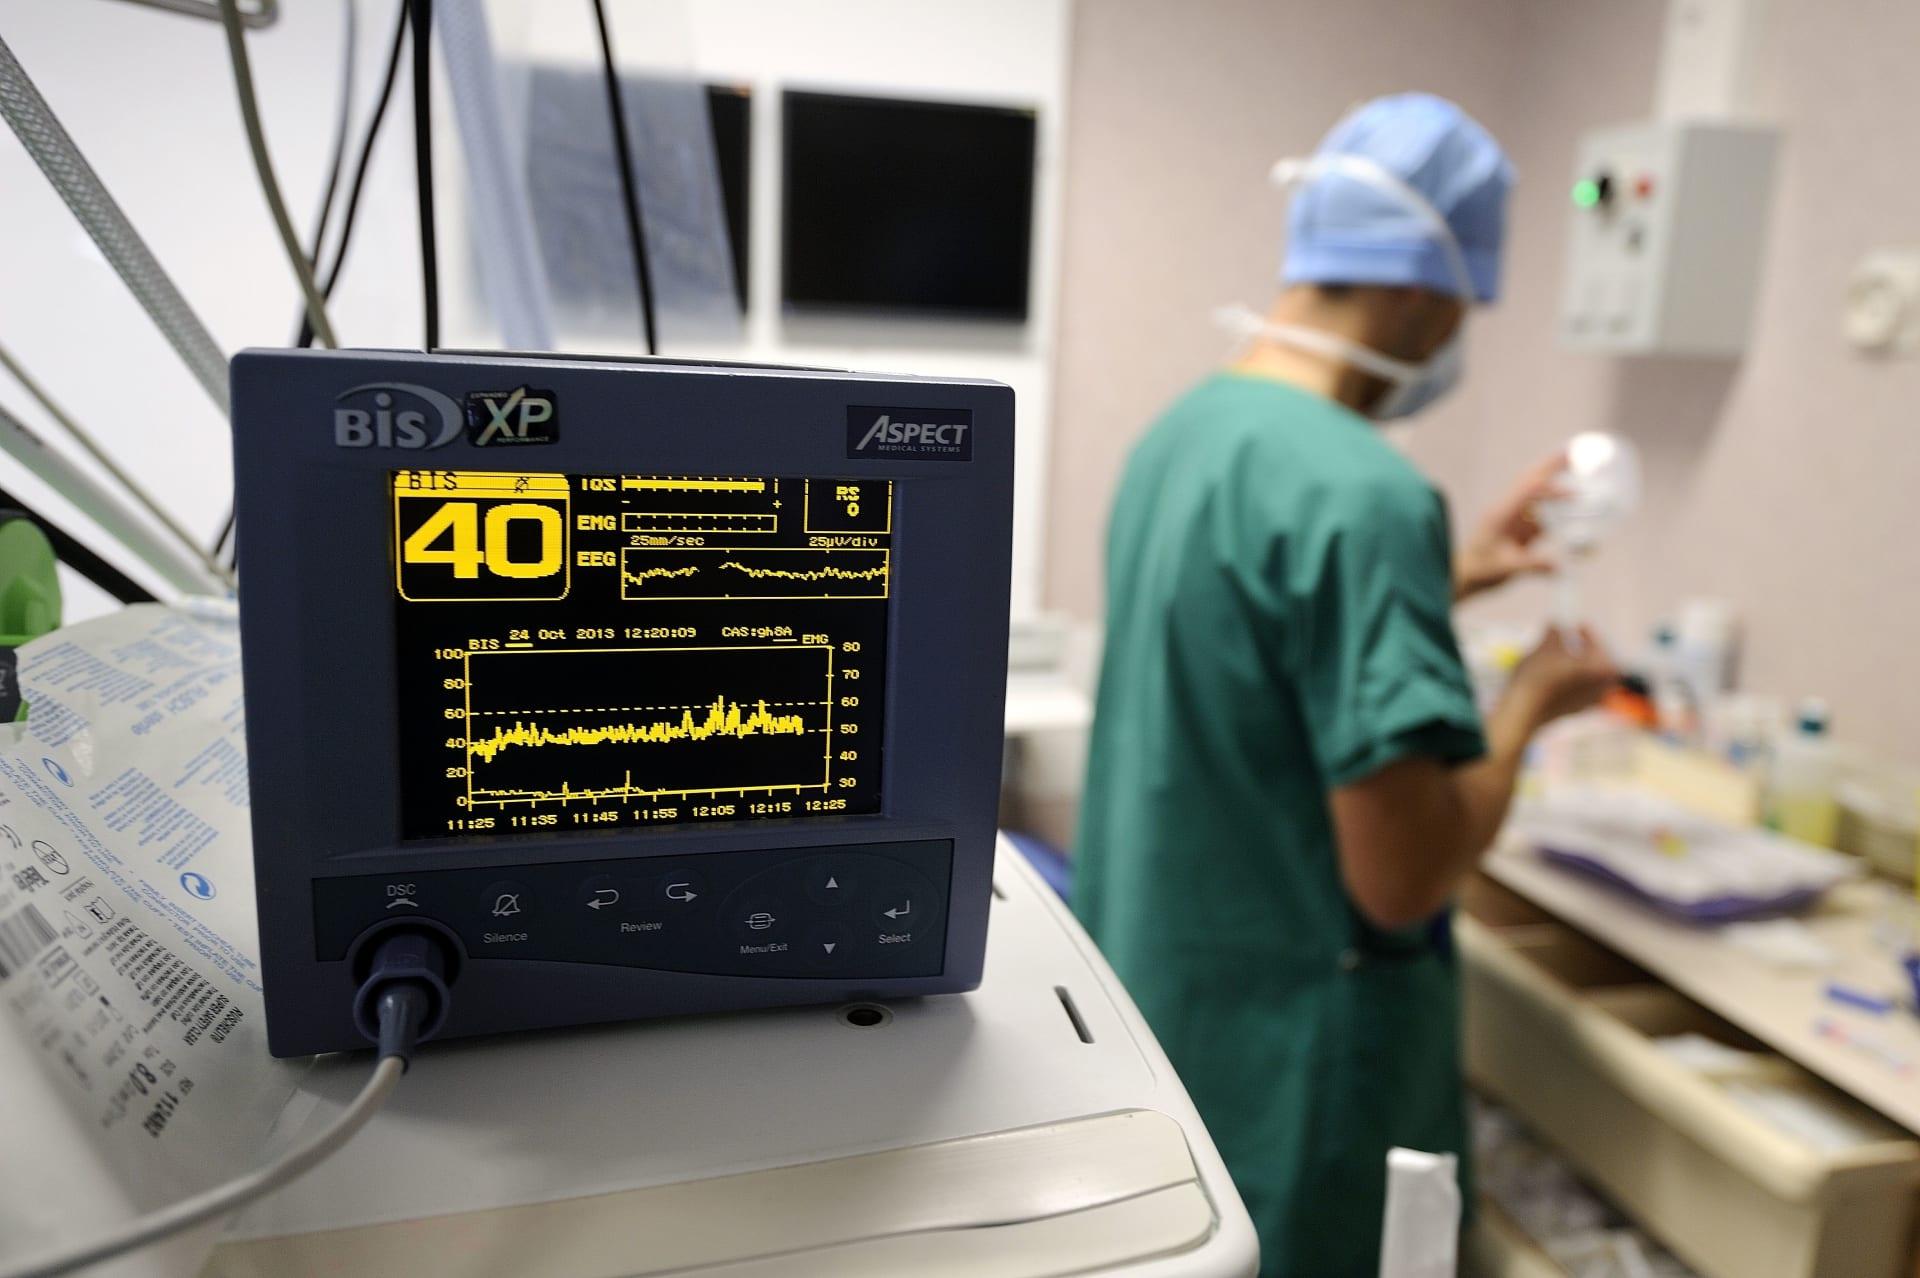 دراسة جديدة تكشف أن الإرهاق مرتبط بنبض قلب غير منتظم وقاتل